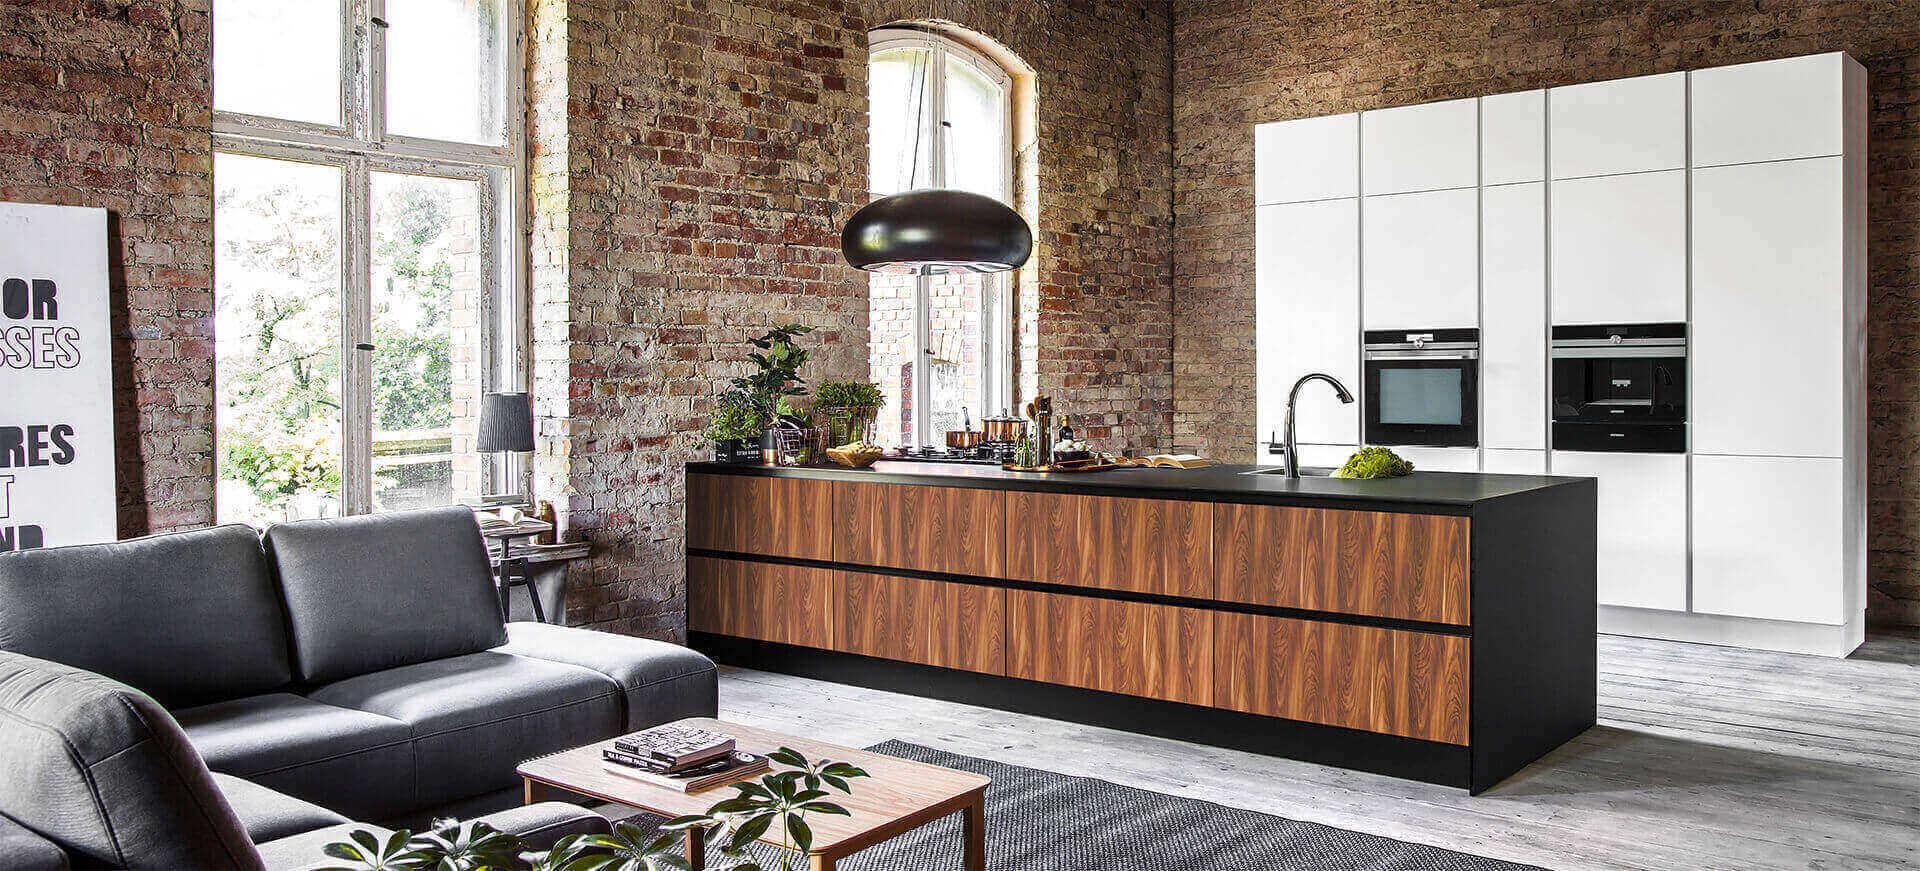 interiorno-proektirane-ot-dizainersko-studio